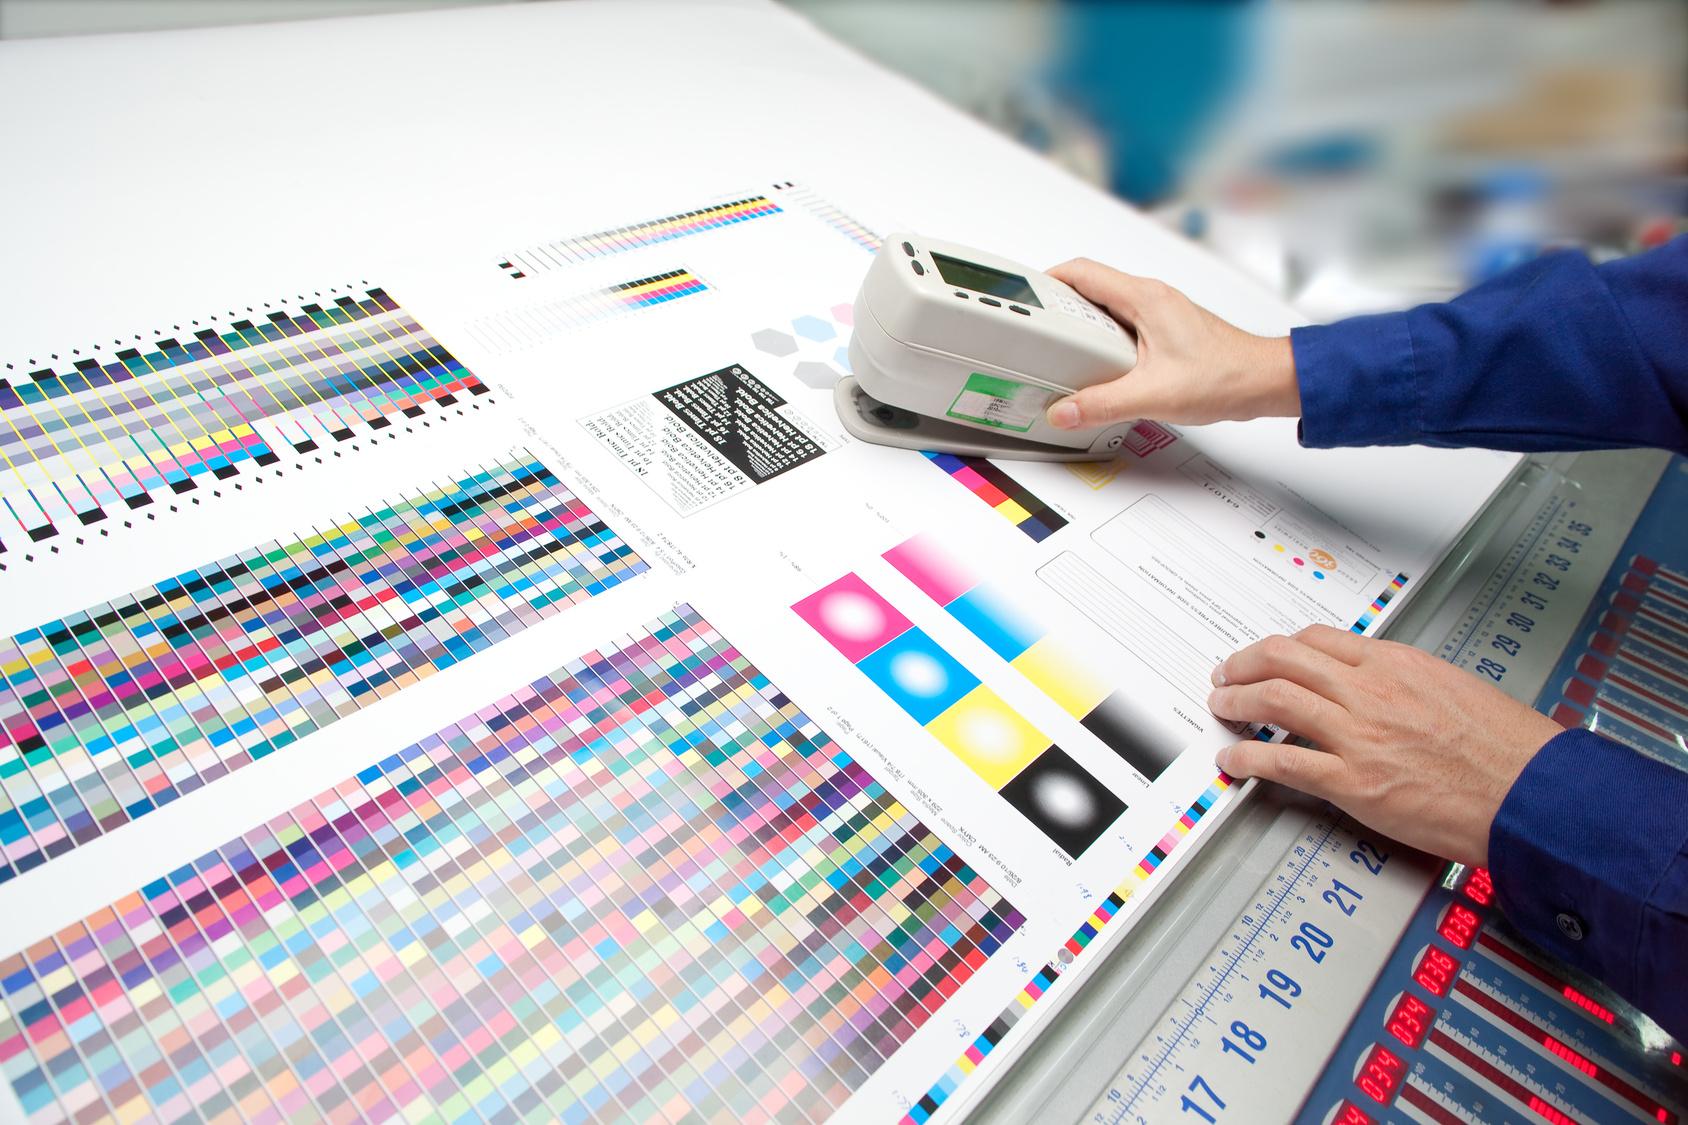 Curso Técnico em Pré-impressão Gráfica   Central Pronatec